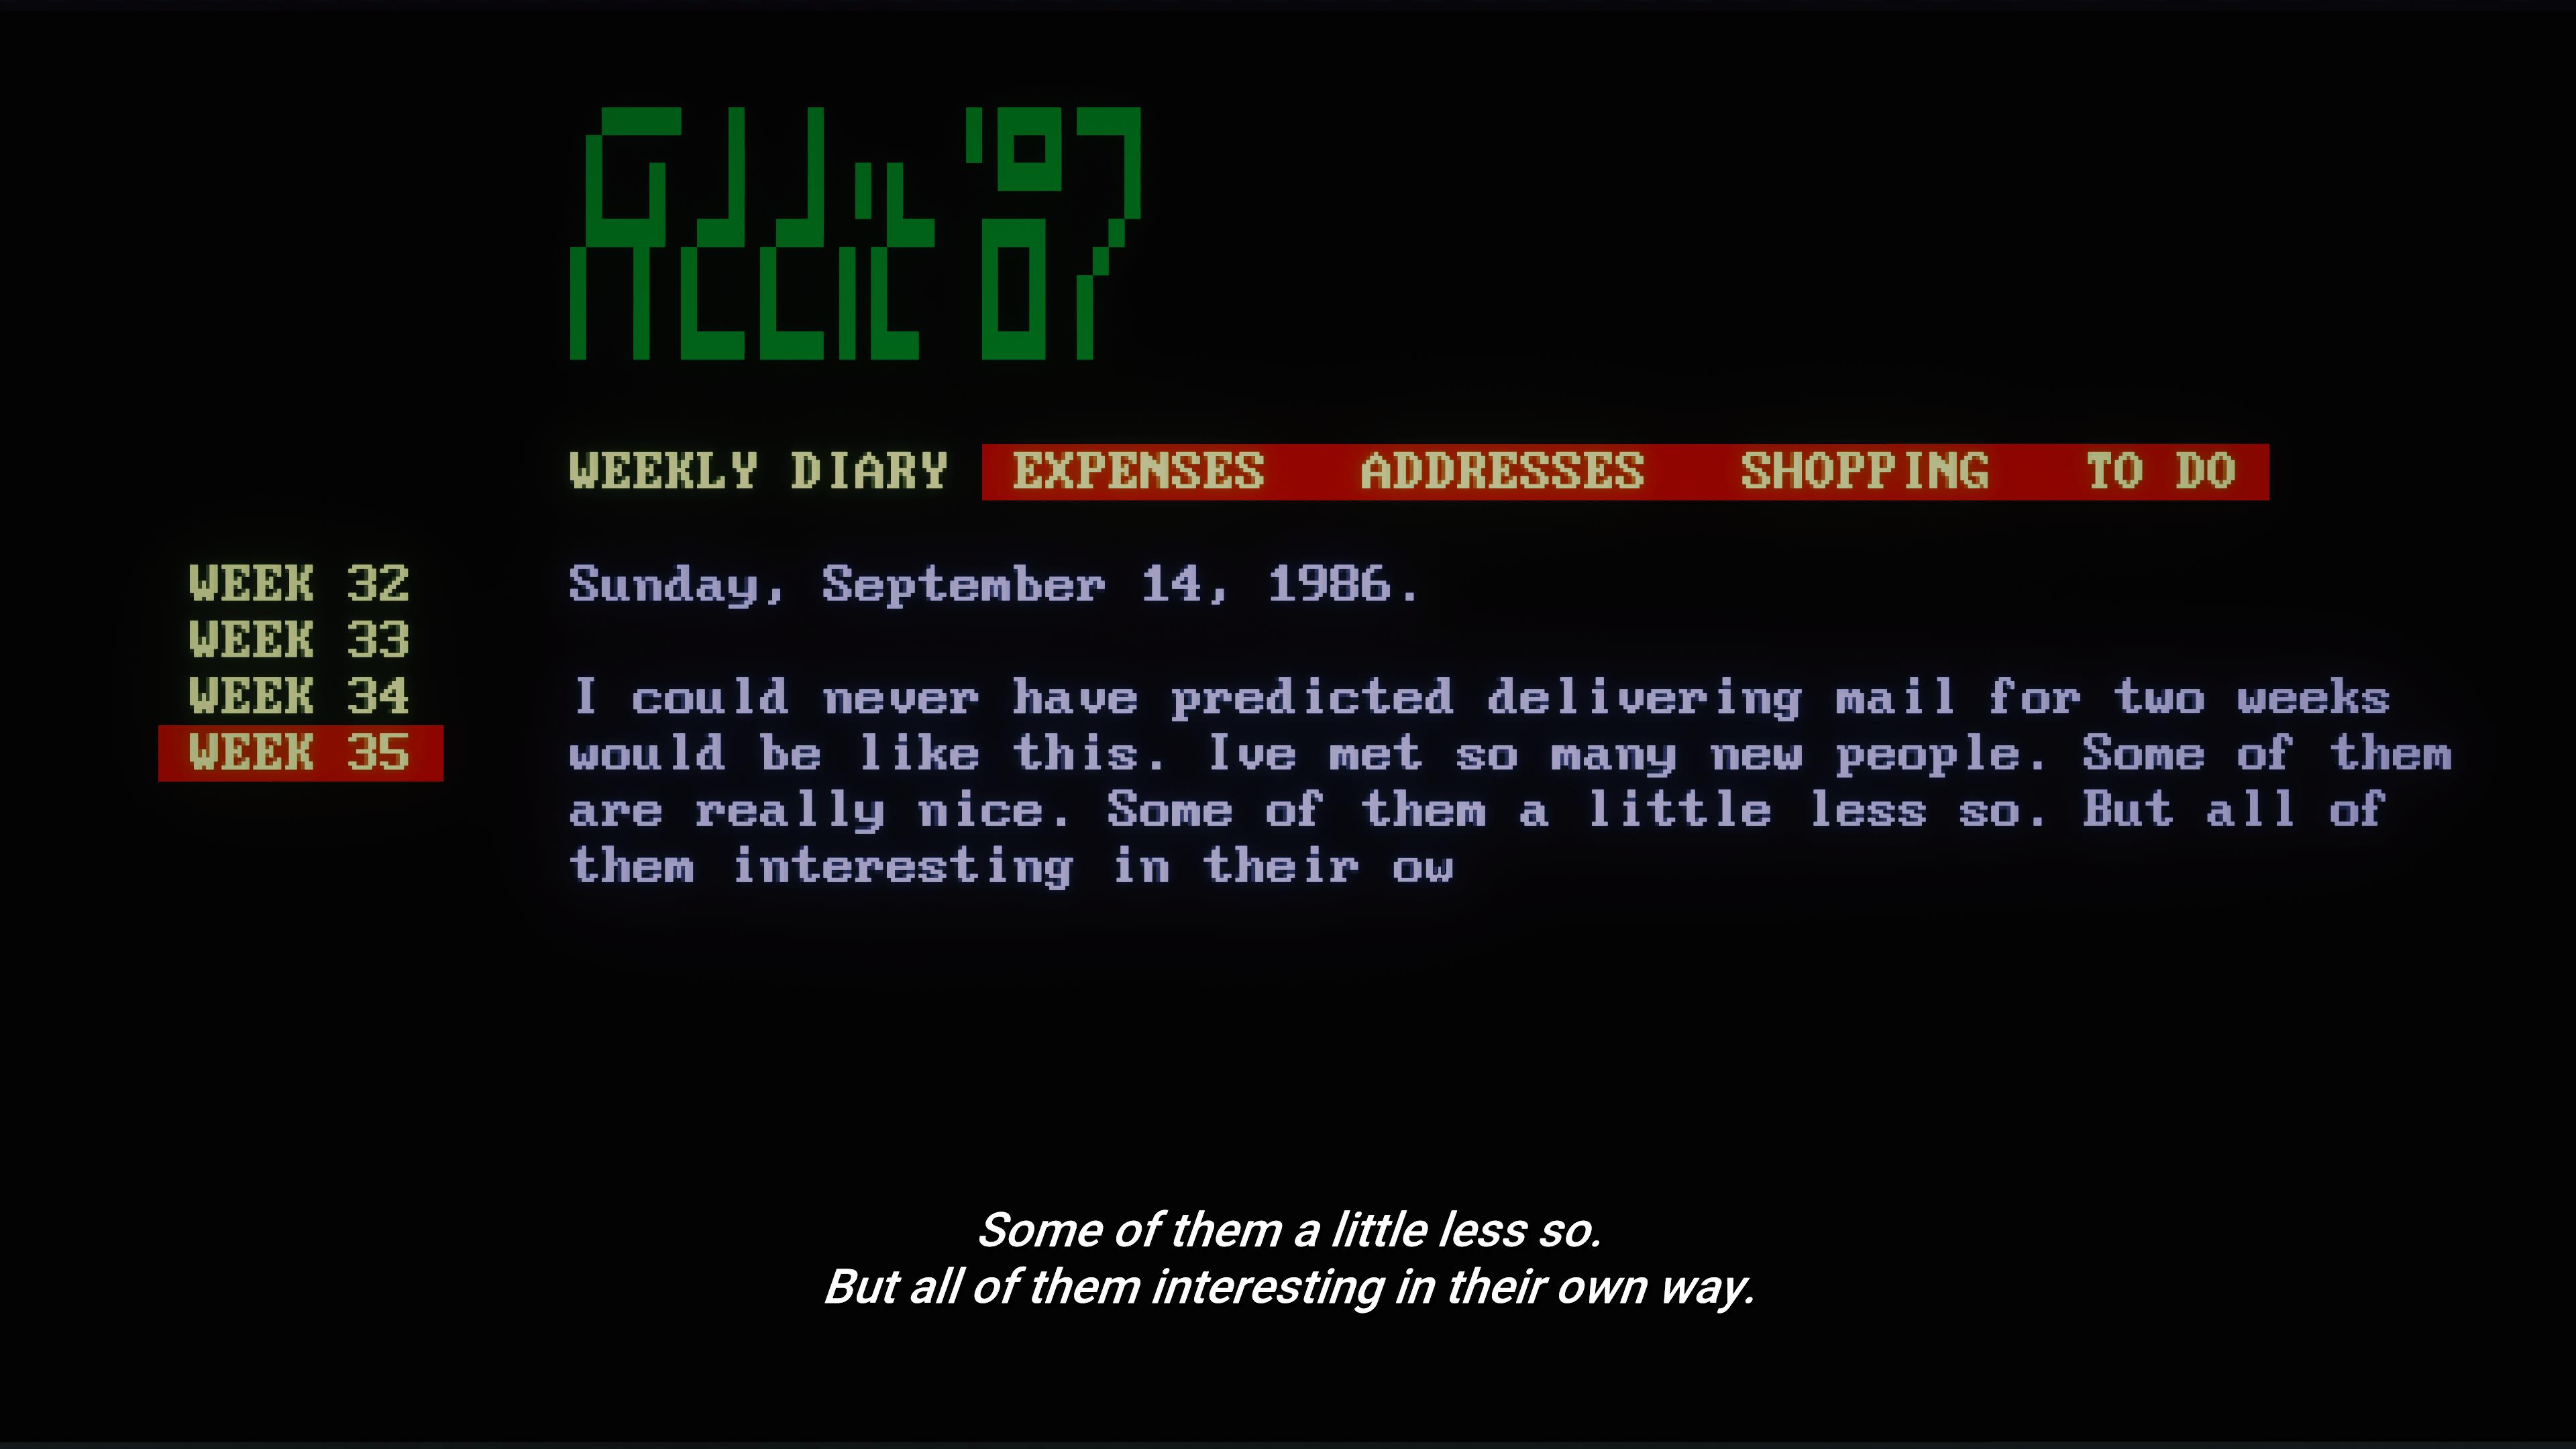 Le logiciel sur lequel travaille Meredith semble tout droit sorti d'un vieux PC des années 80